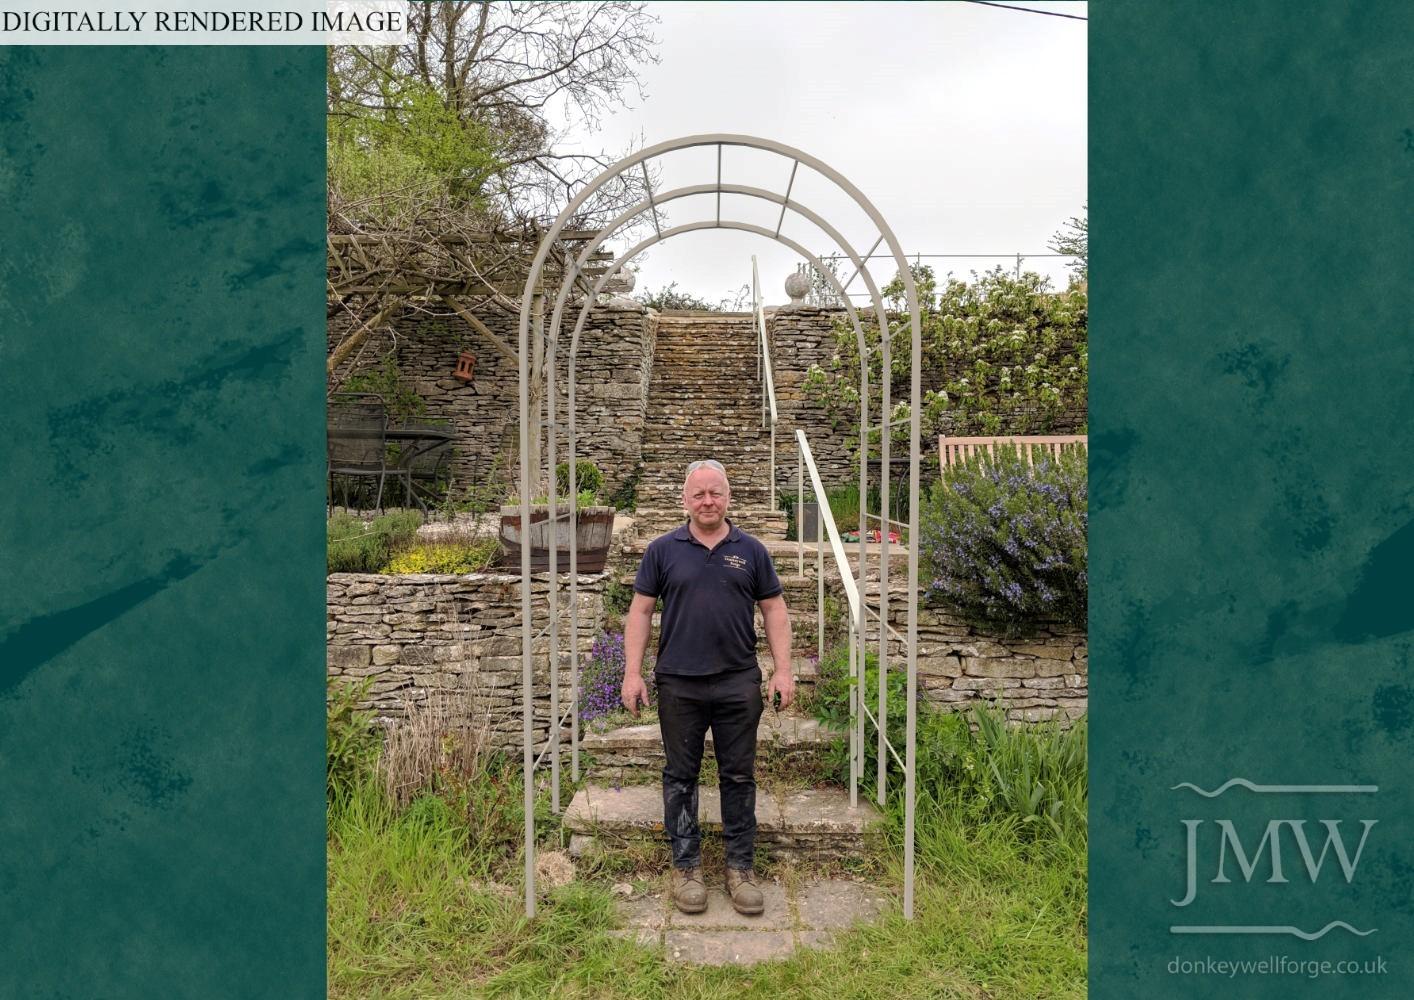 digital-render-image-ironwork-garden-arch